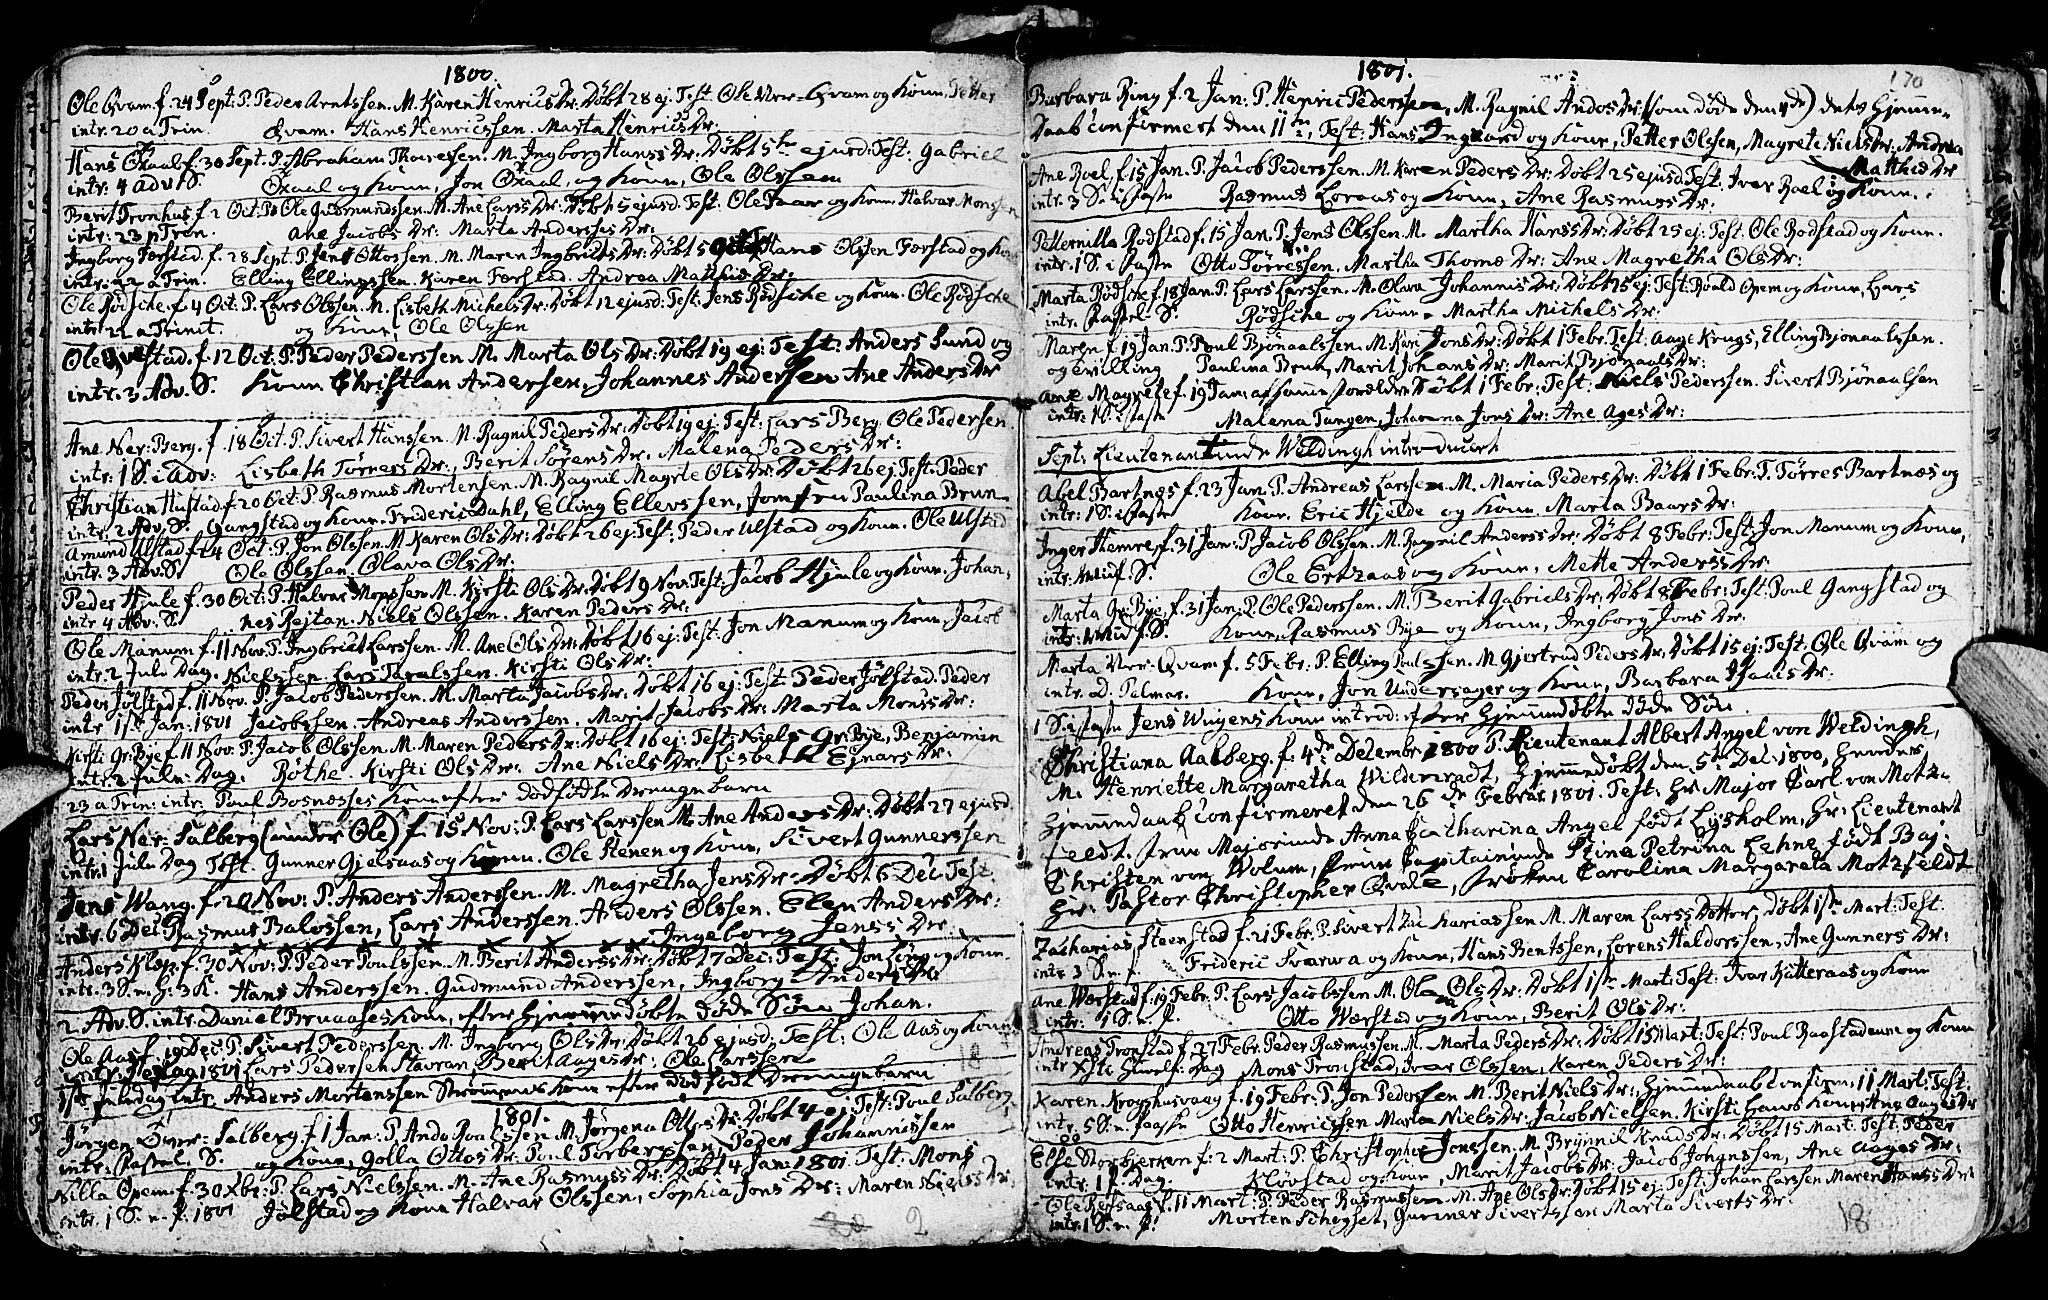 SAT, Ministerialprotokoller, klokkerbøker og fødselsregistre - Nord-Trøndelag, 730/L0273: Ministerialbok nr. 730A02, 1762-1802, s. 170